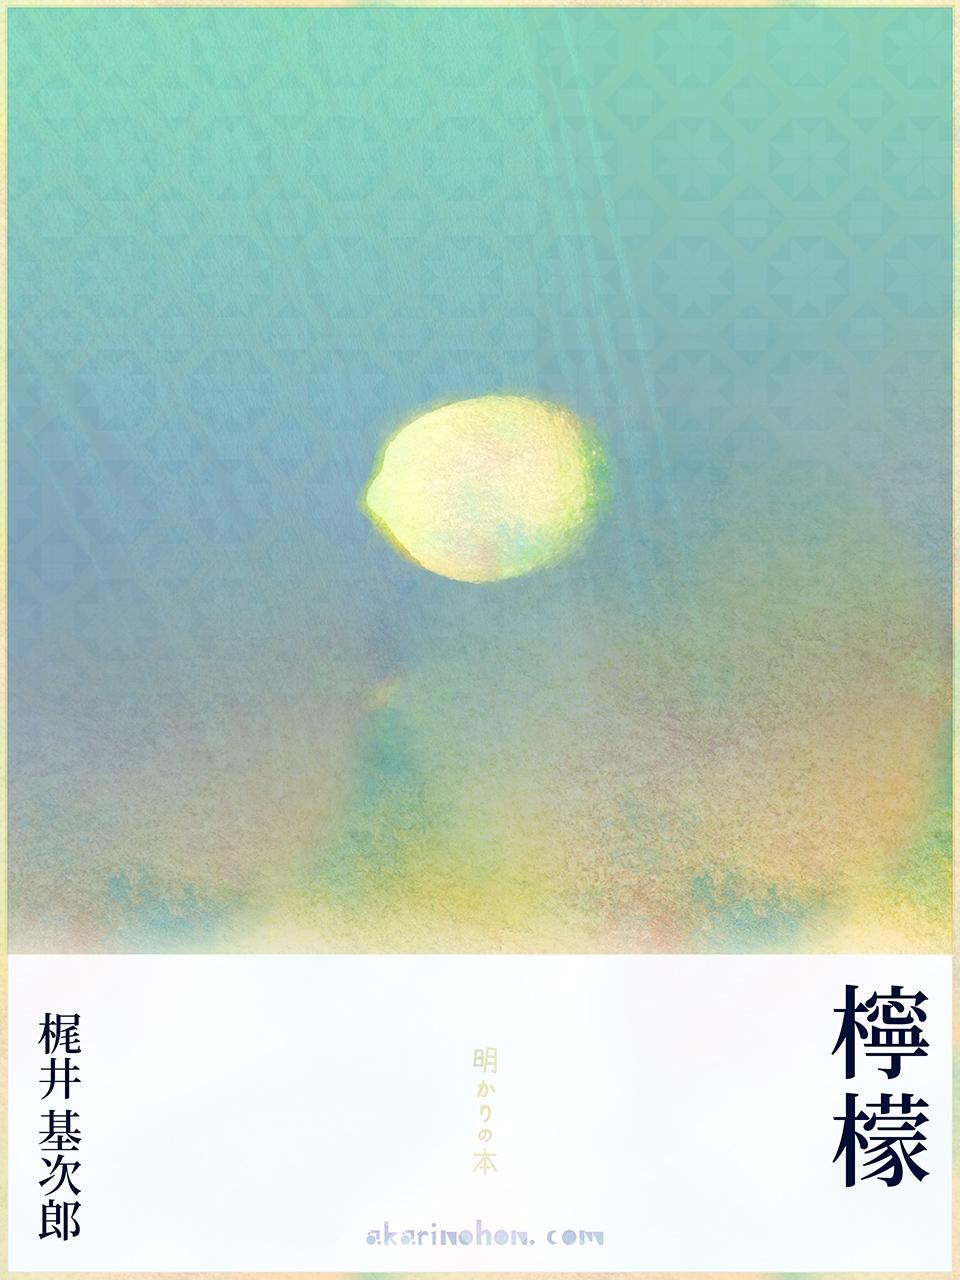 0000 - 檸檬 梶井基次郎